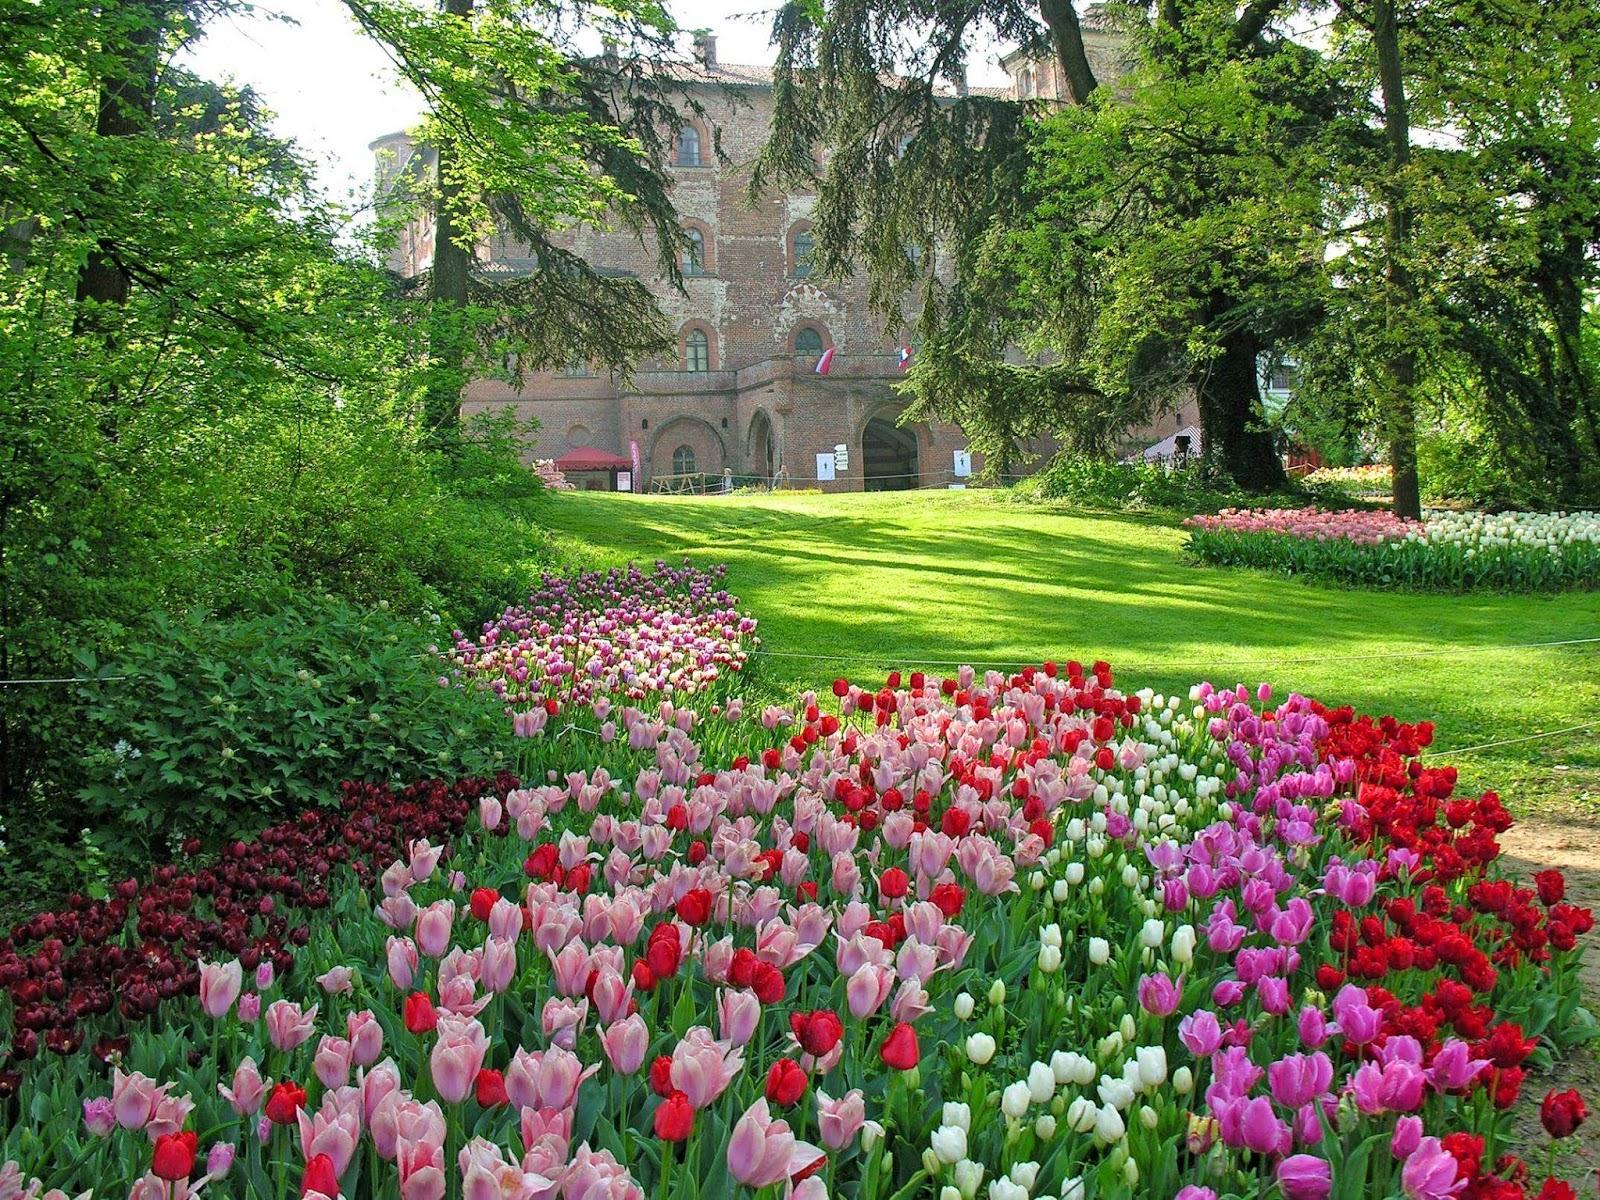 Paesaggi primaverili primavera spring printemps - Giardini particolari ...